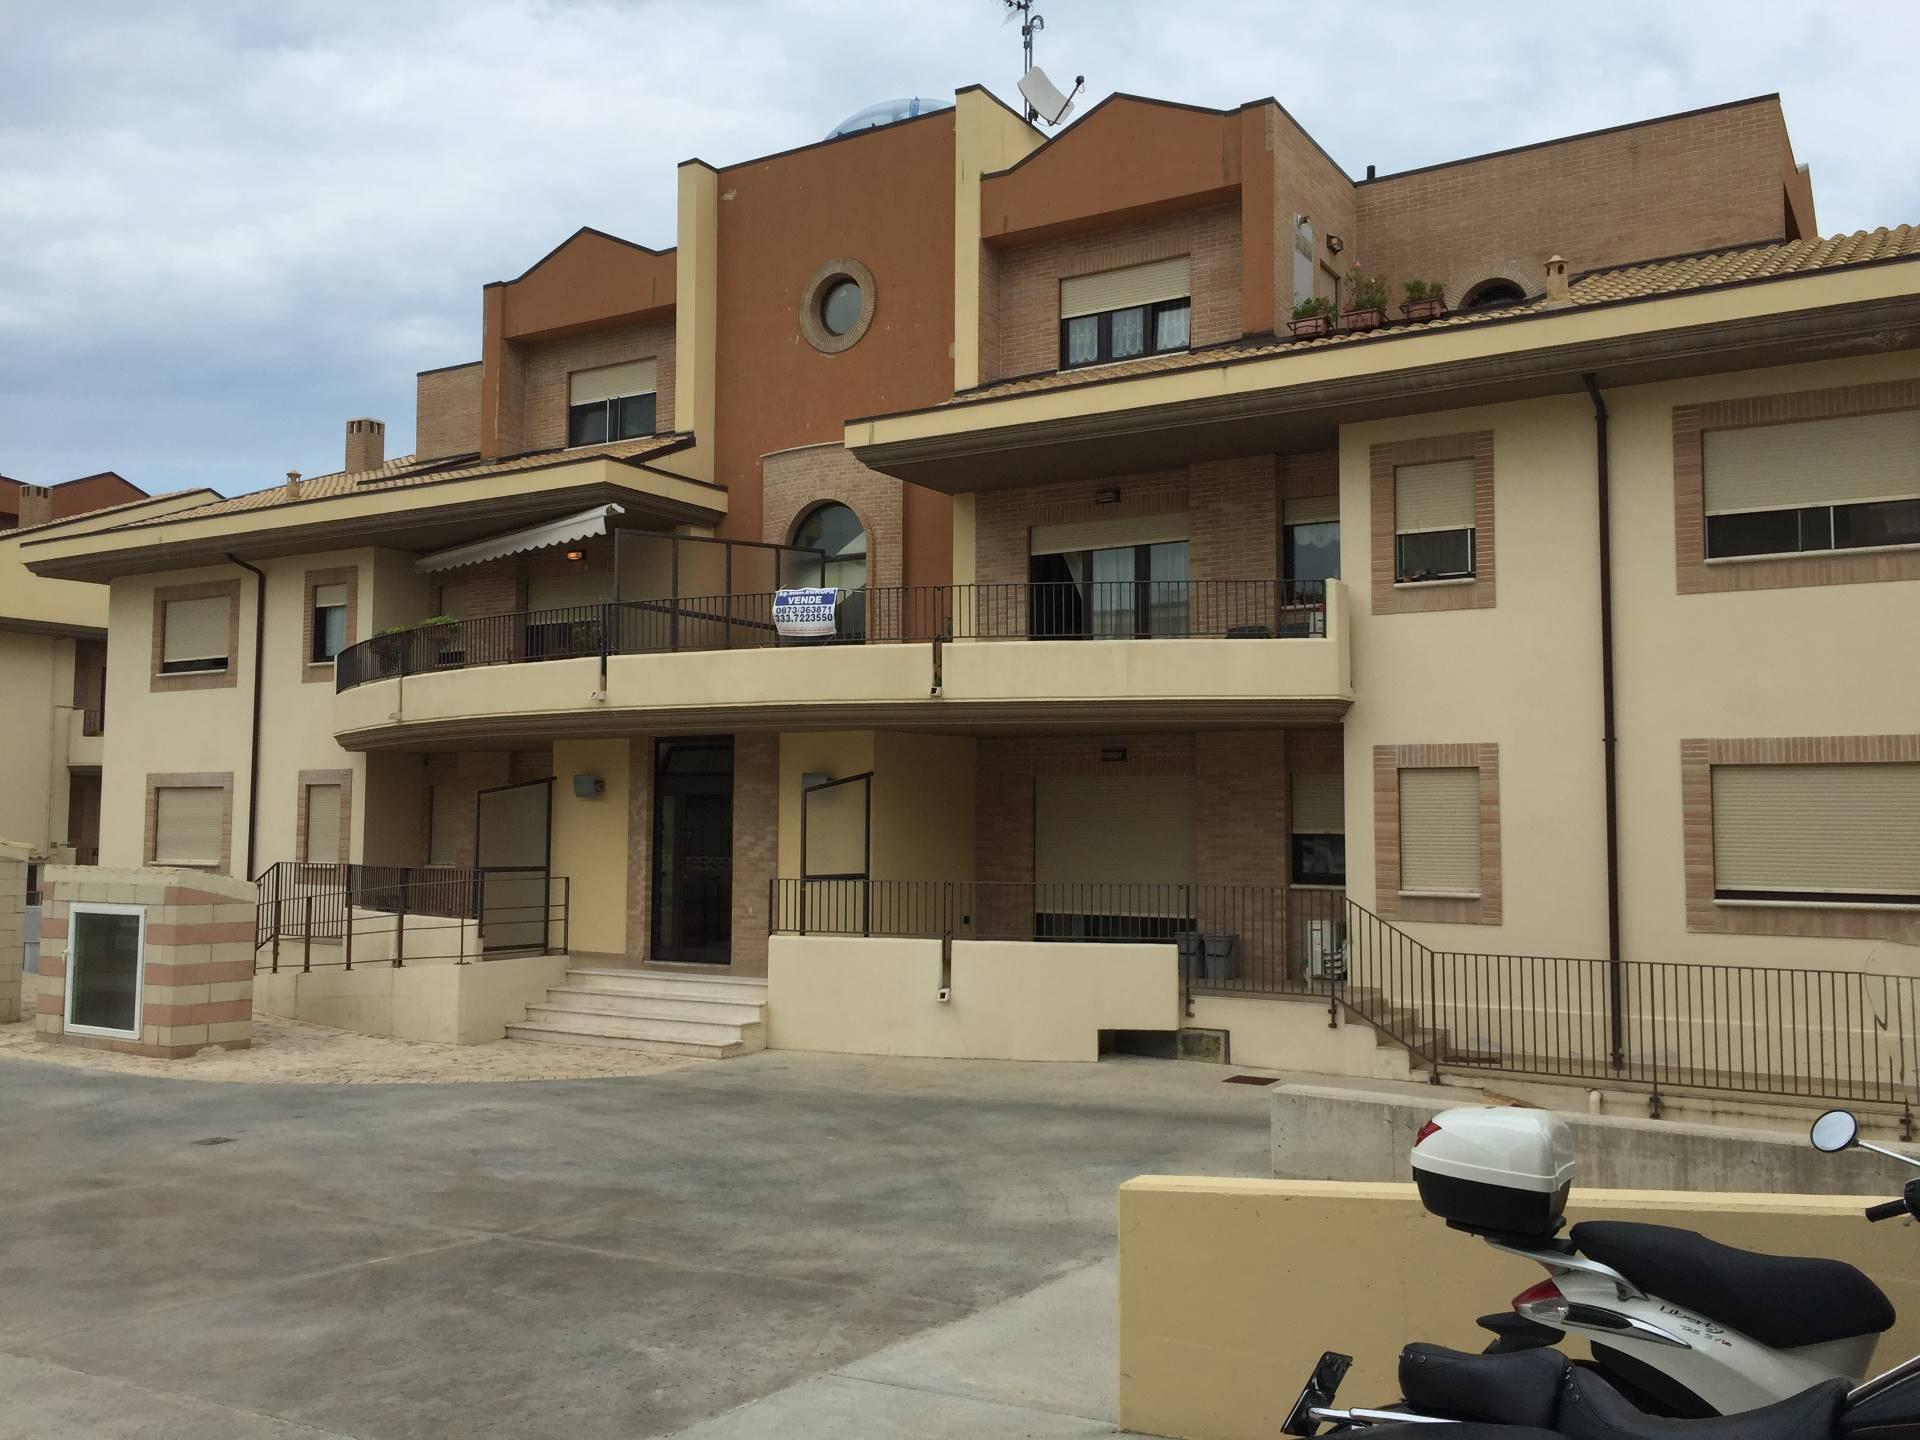 Appartamento in vendita a Vasto, 3 locali, zona Località: ZONAPERIFERICA, prezzo € 145.000 | PortaleAgenzieImmobiliari.it